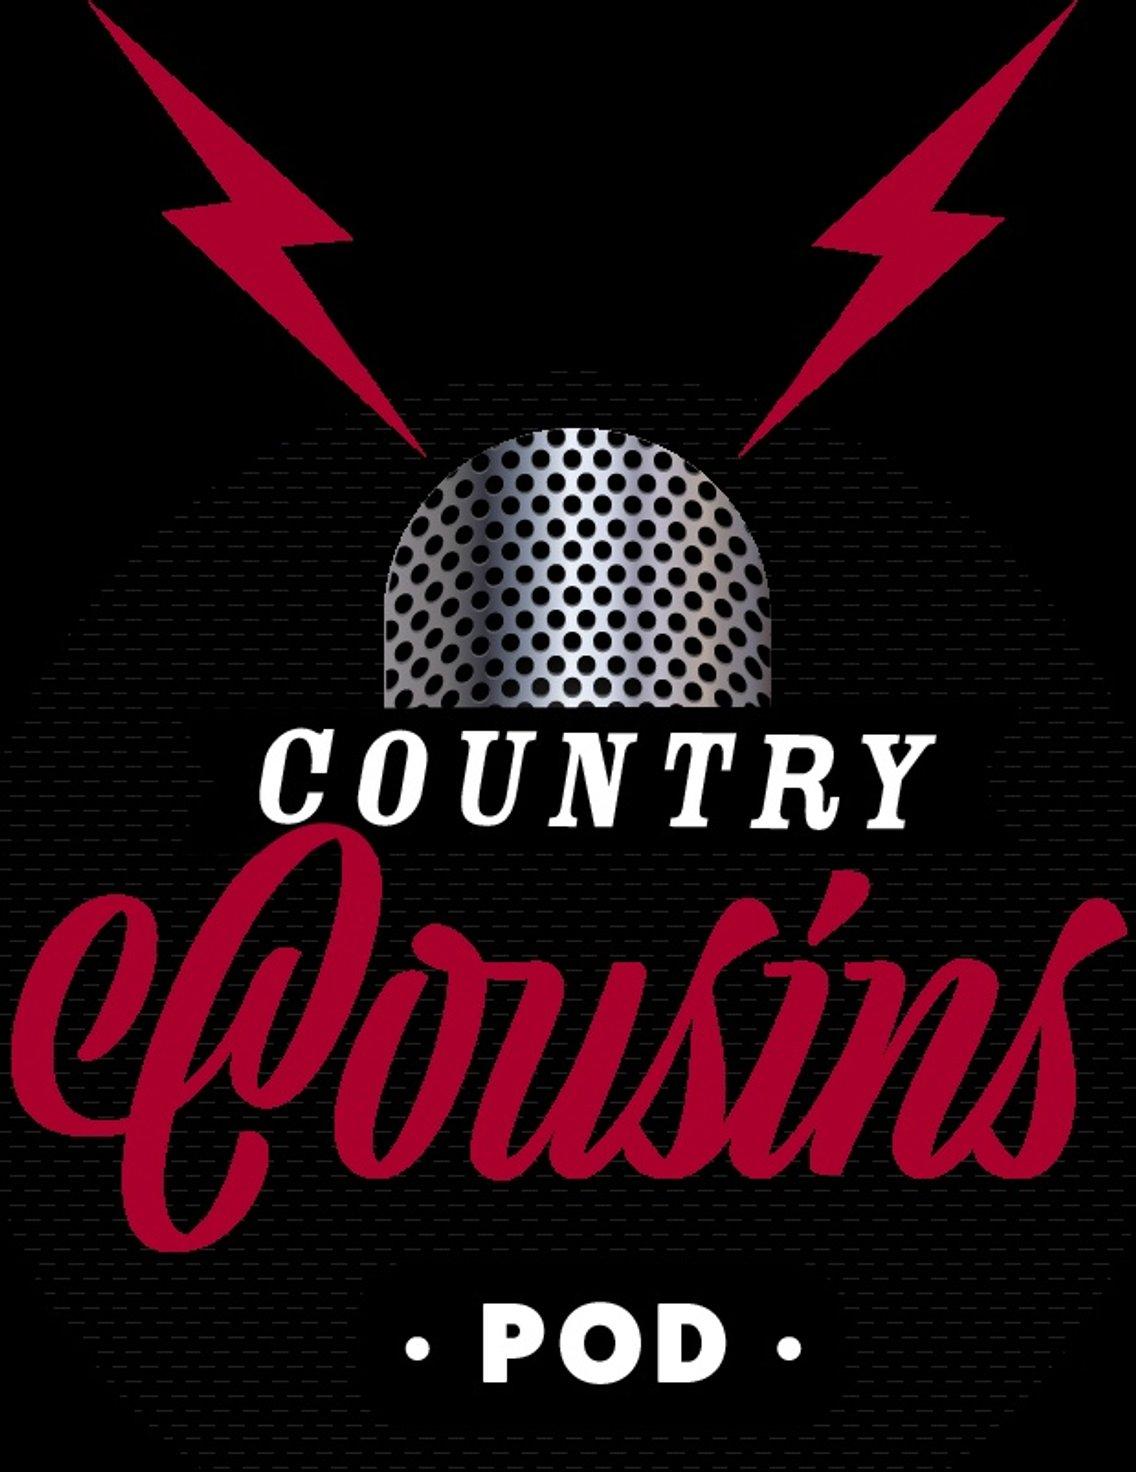 Country Cousins - imagen de portada